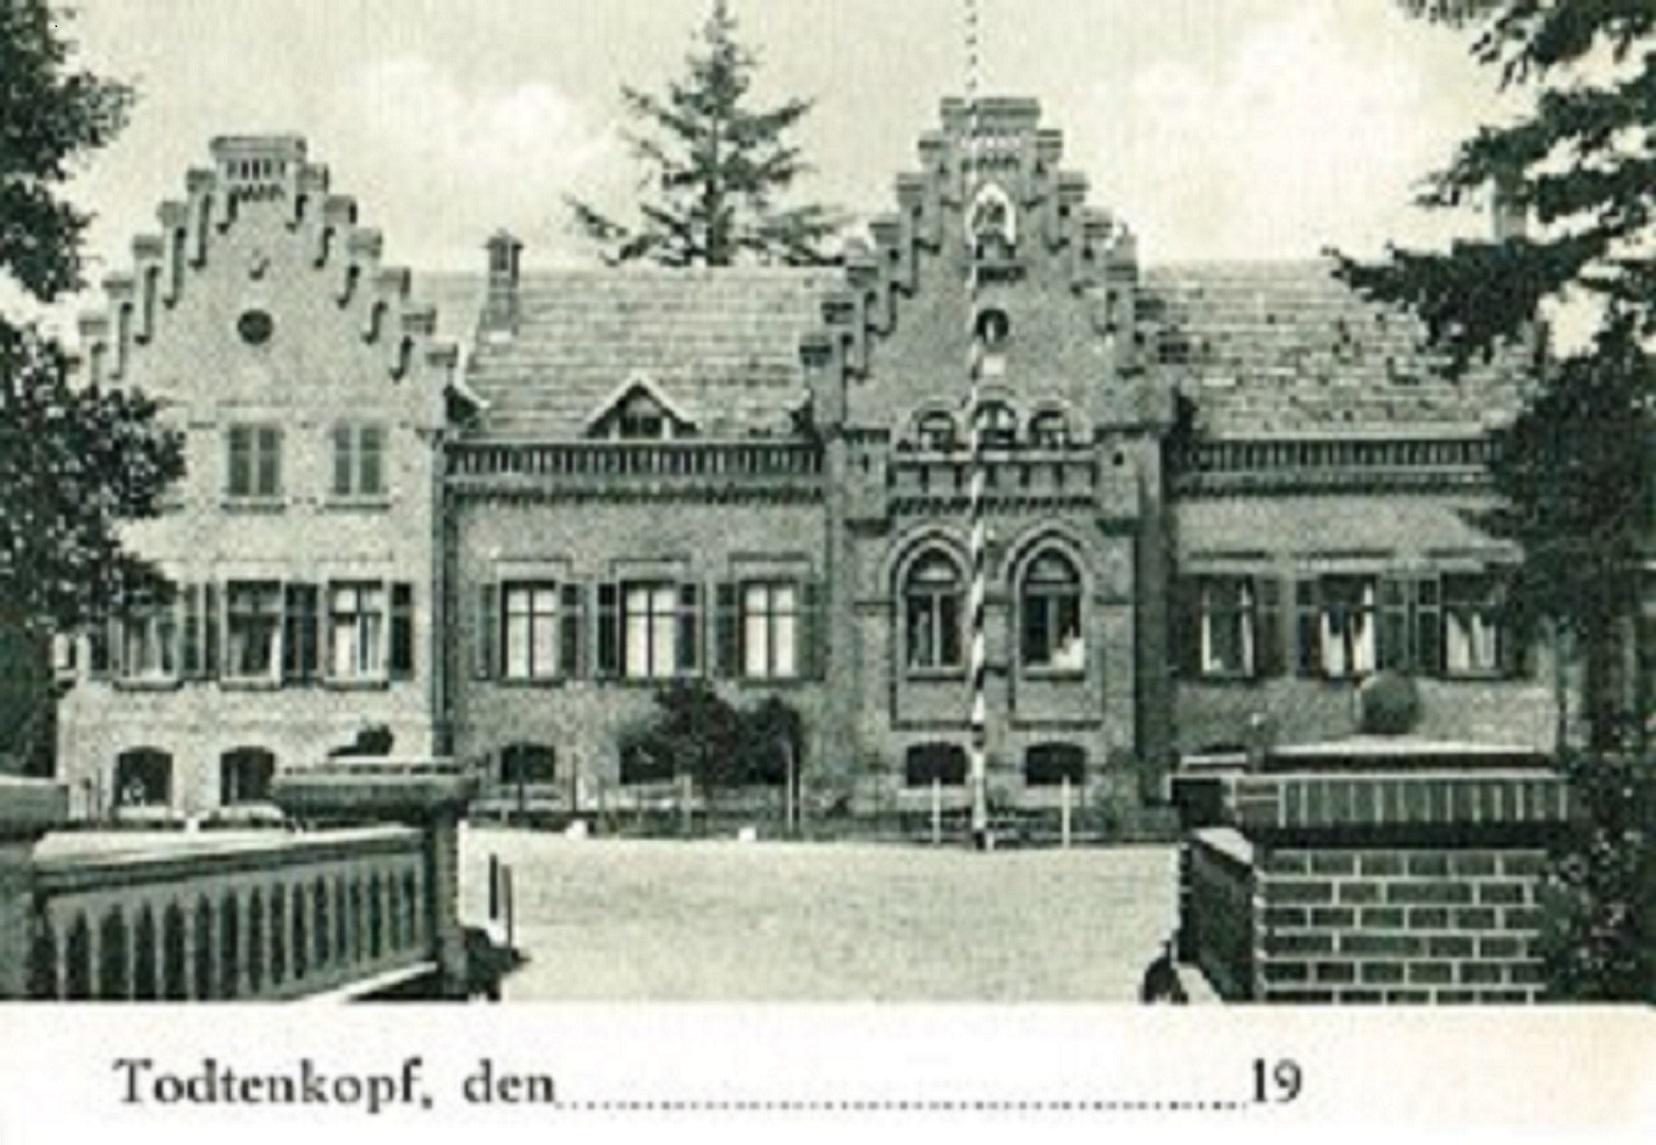 LS-Todtenkopf-Priegnitz